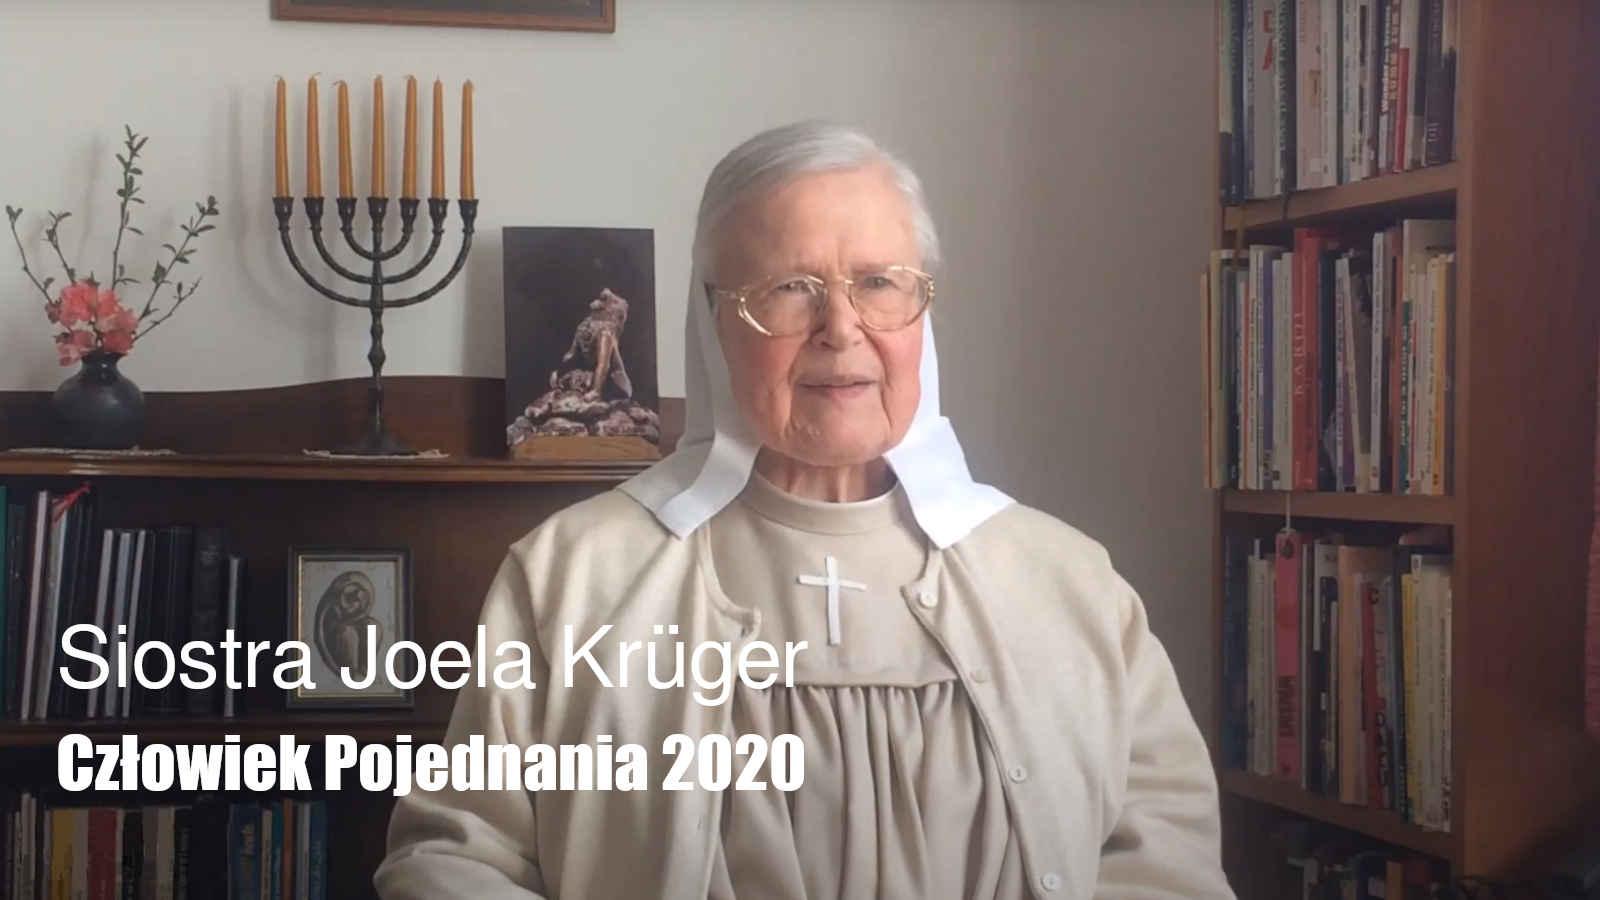 Siostra Joela Krüger - Człowiek Pojednania 2020